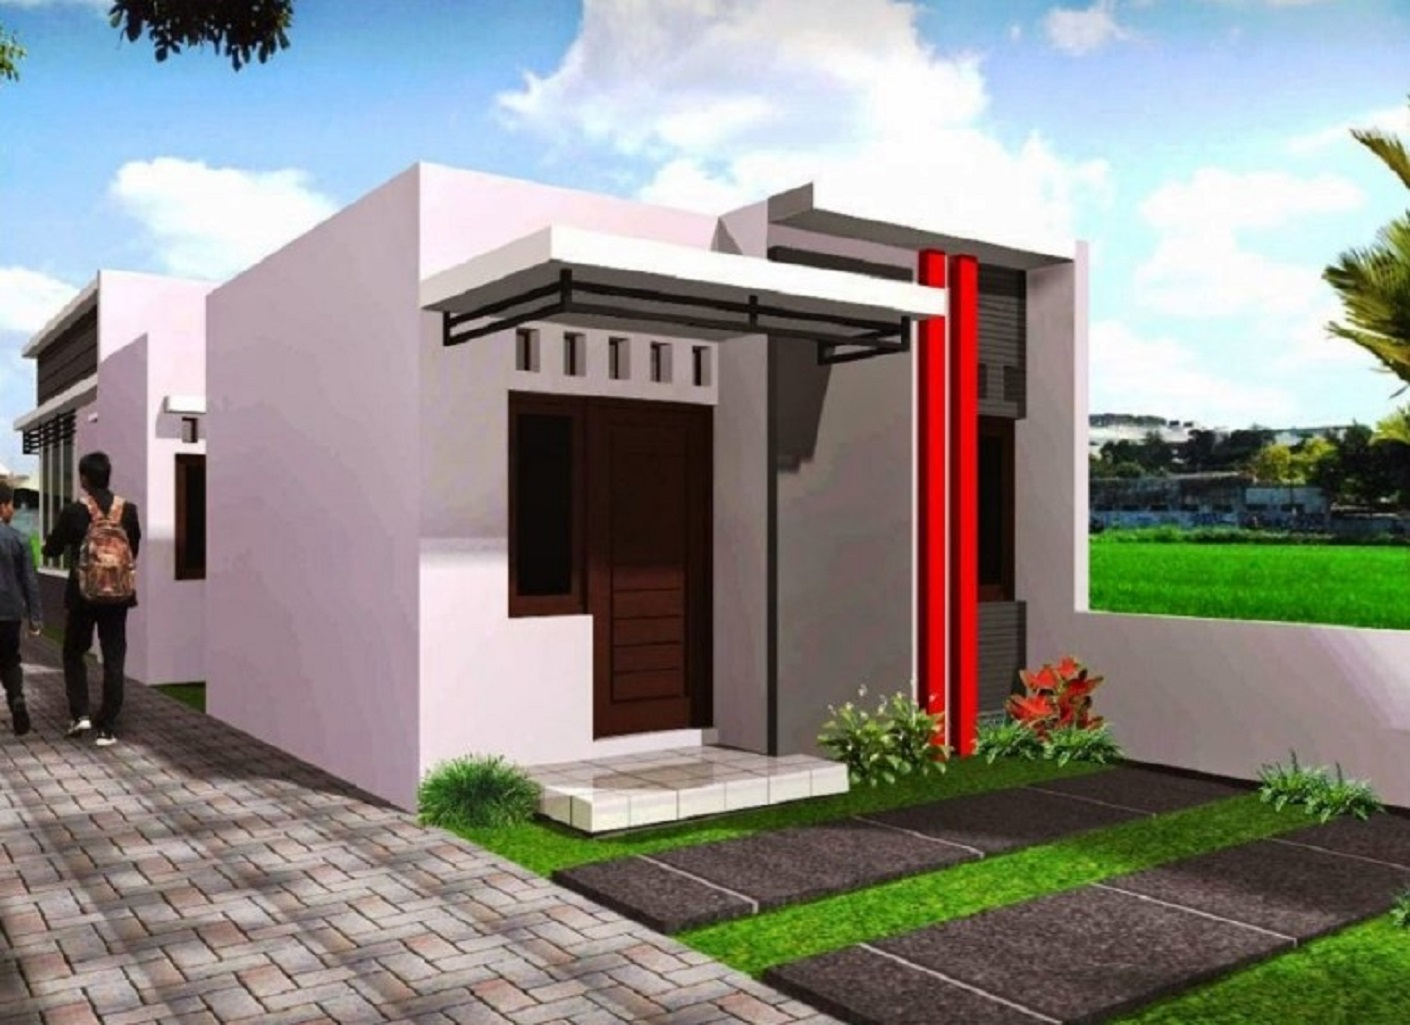 Foto Rumah Minimalis Sederhana Terbaru